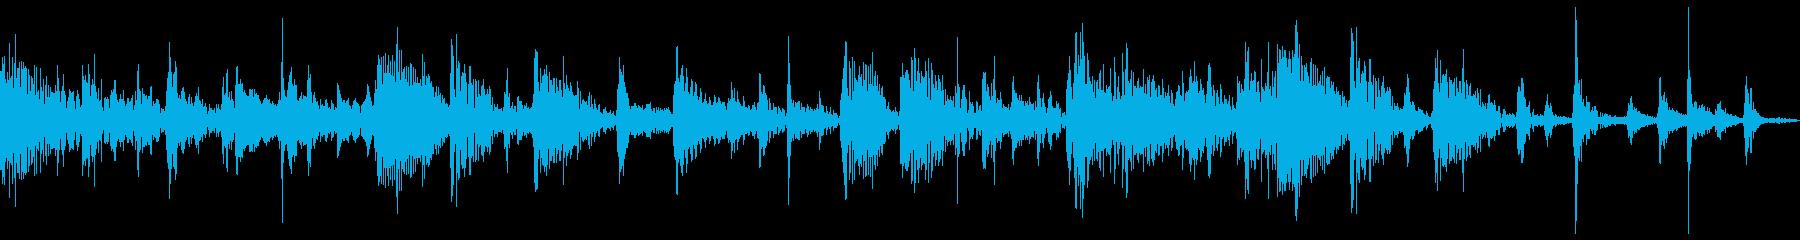 短ループ・ジプシー風ギター・ゲームの再生済みの波形